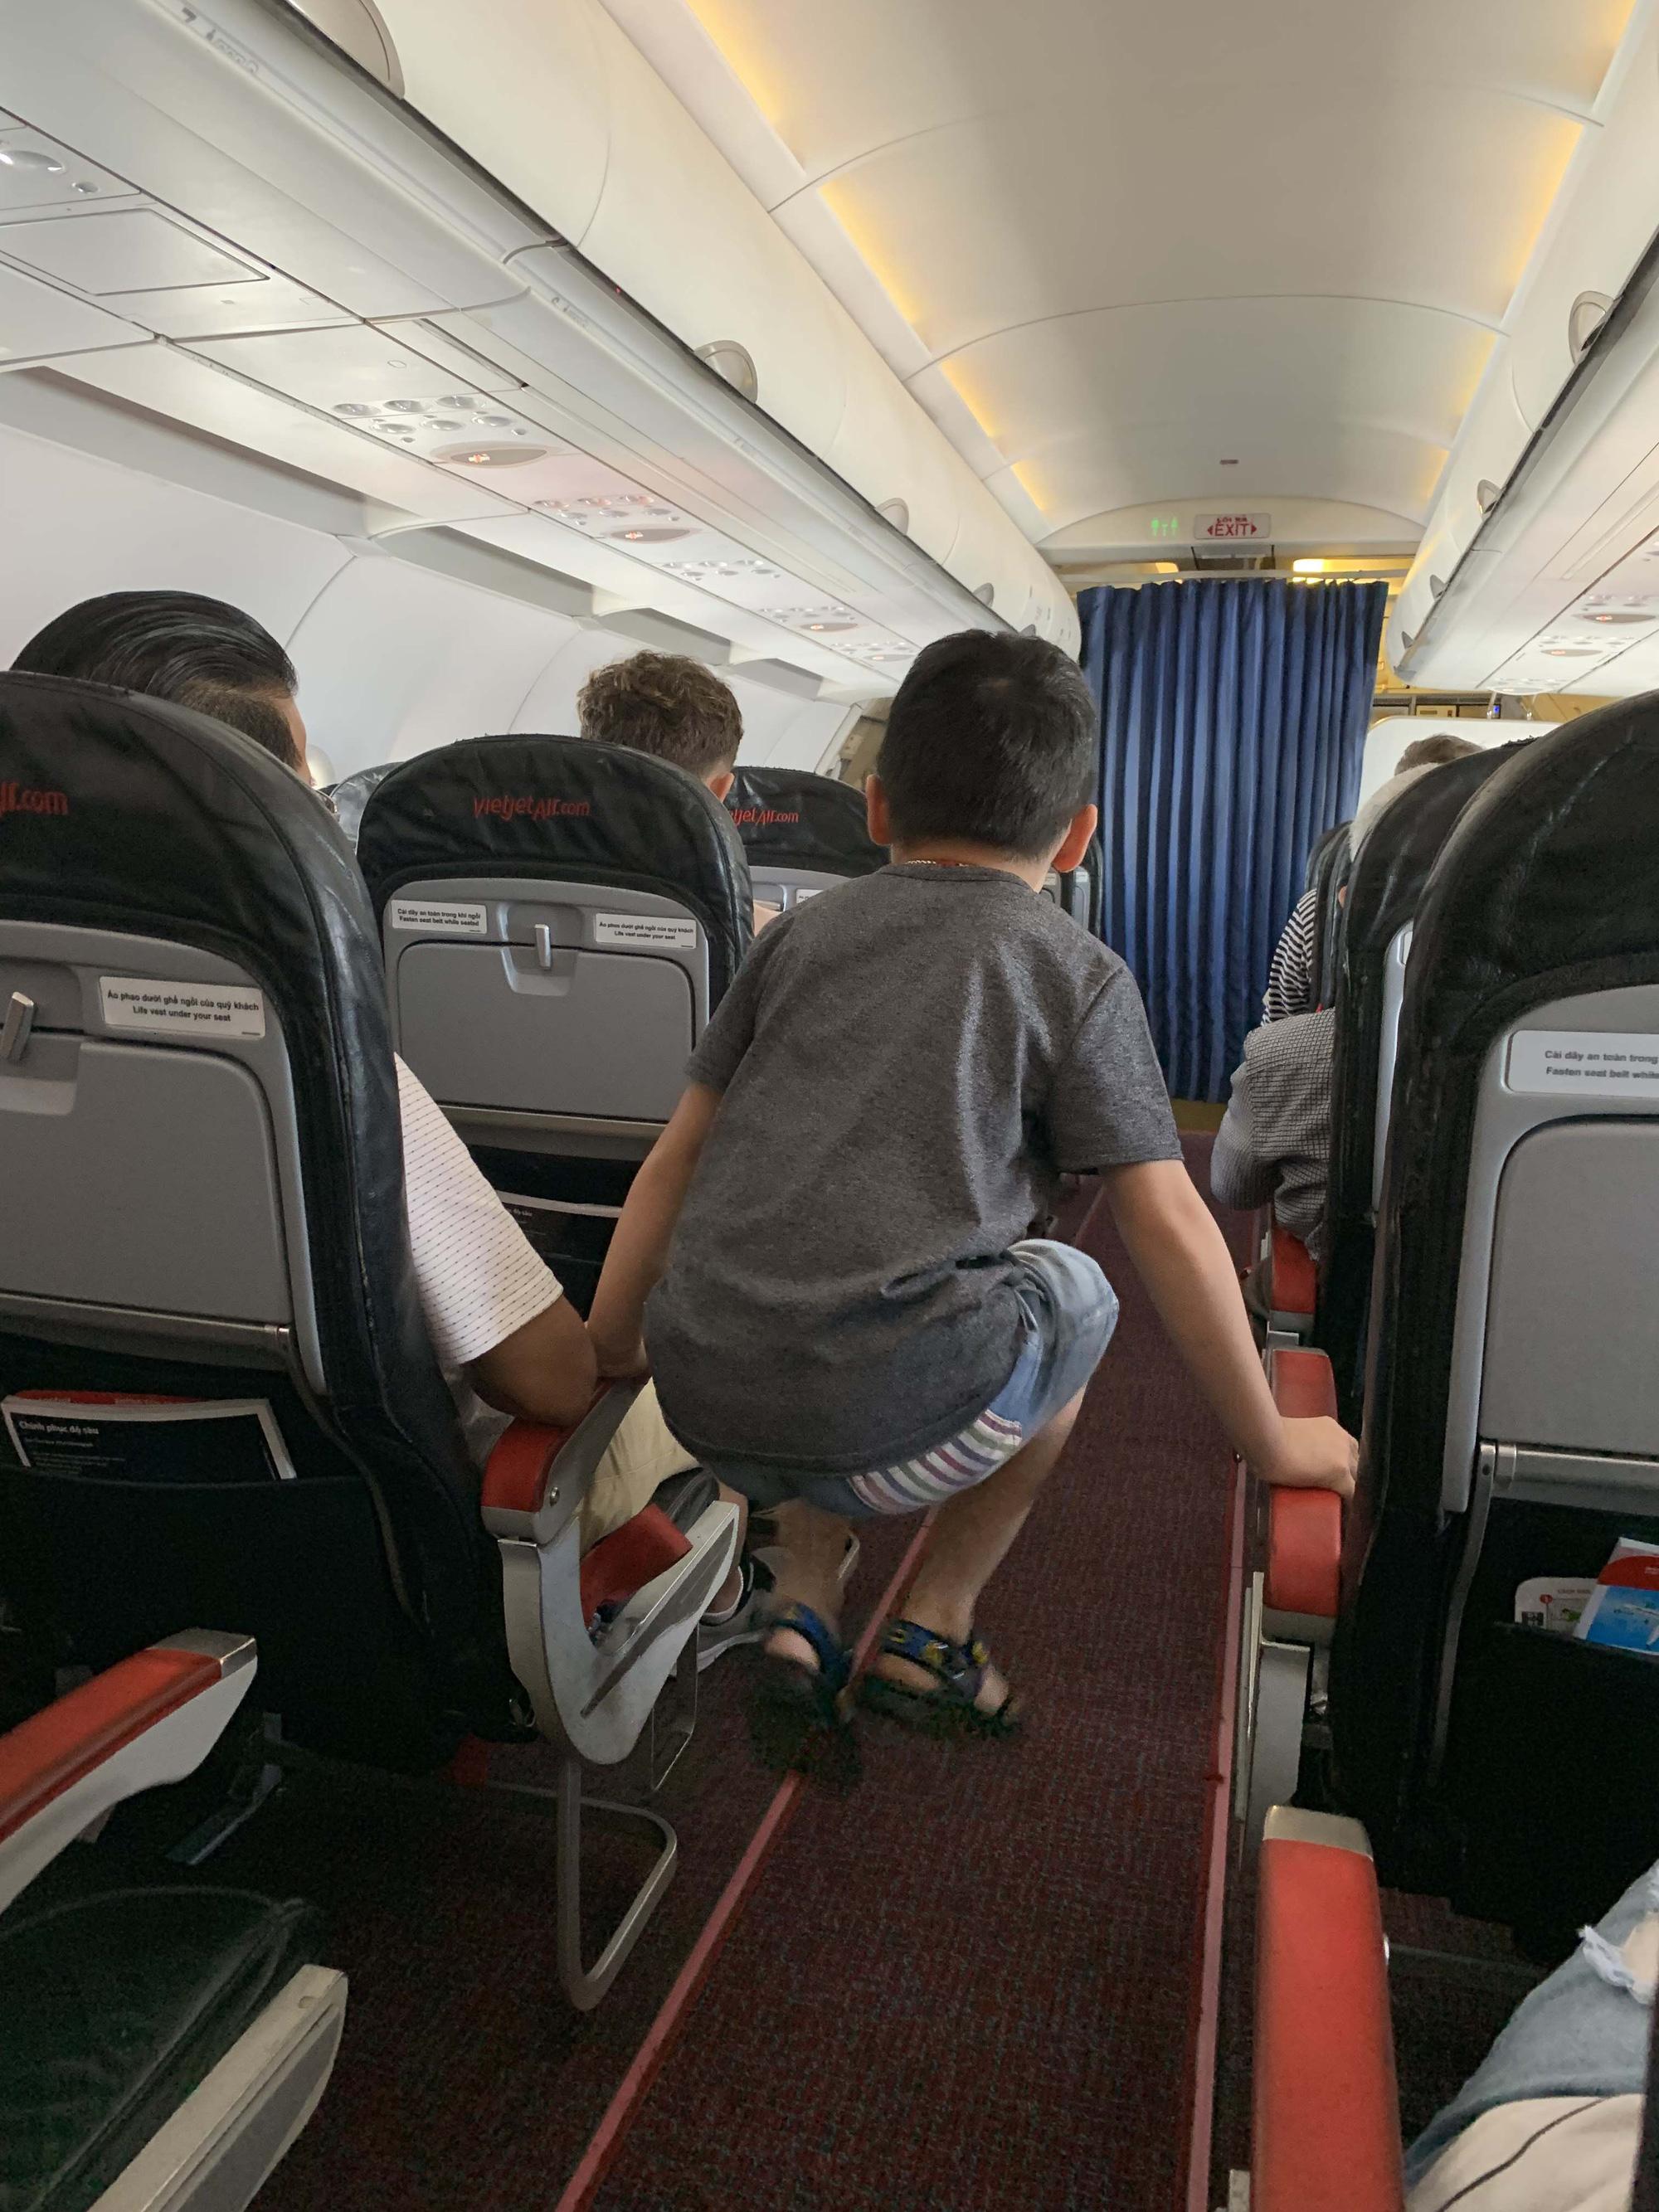 13 kiểu người bị ghét trên máy bay có nên tránh? - Ảnh 3.